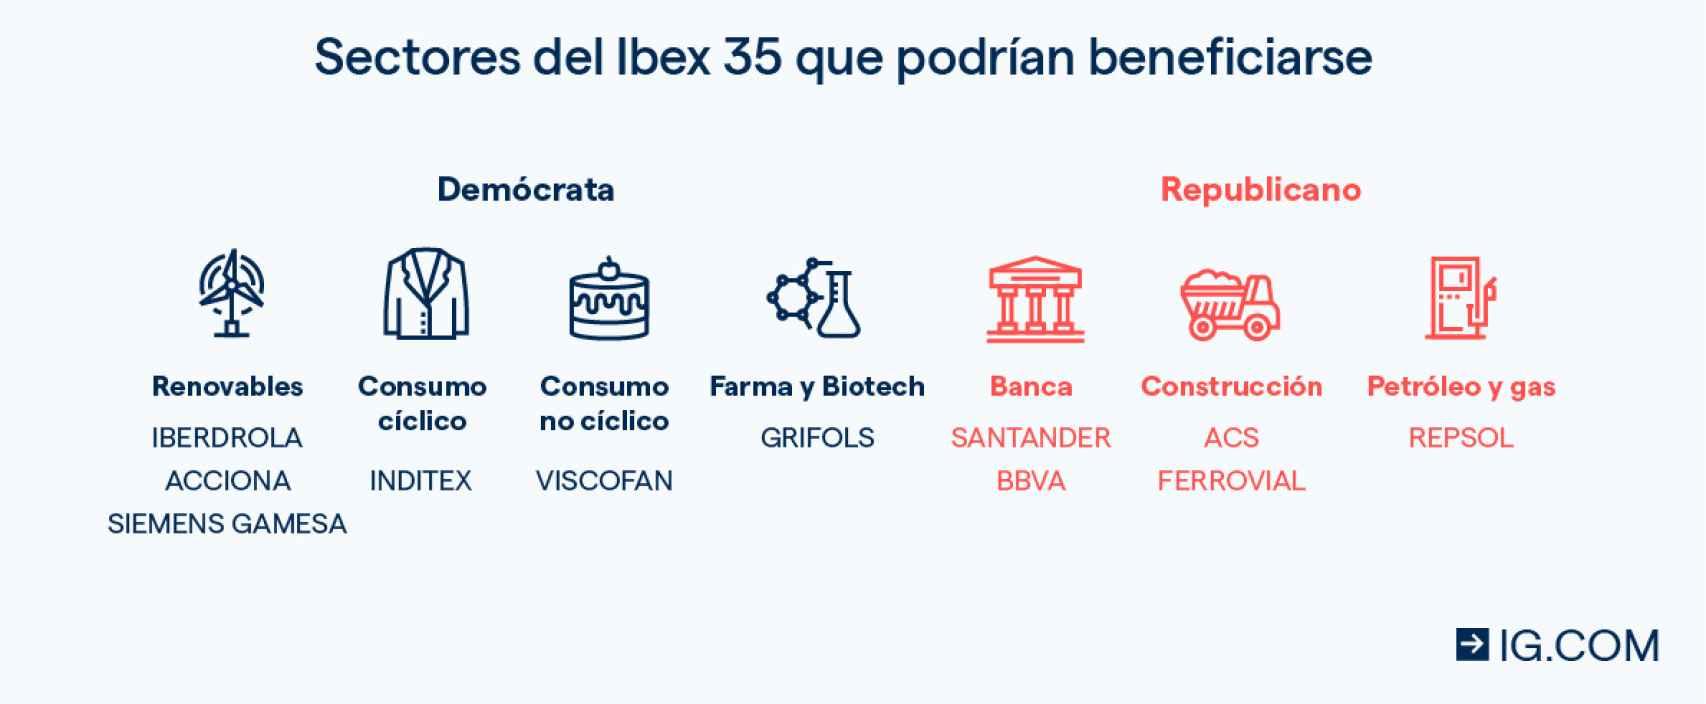 Sectores del Ibex 35 que podrían beneficiarse